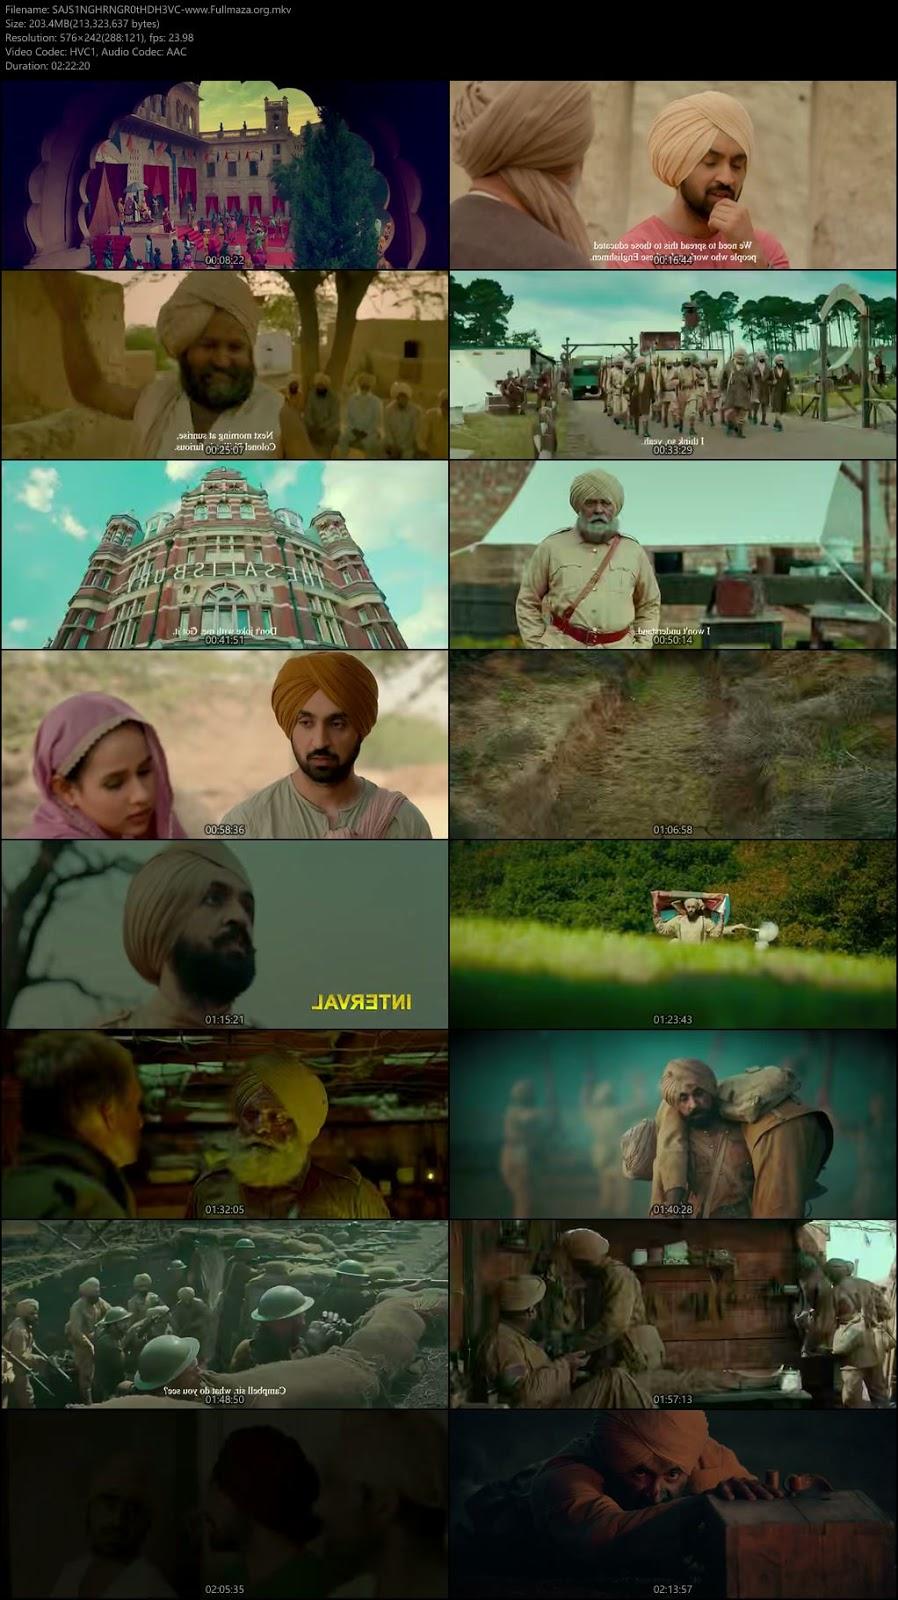 sajjan singh rangroot full punjabi movie download hd 720p mp4